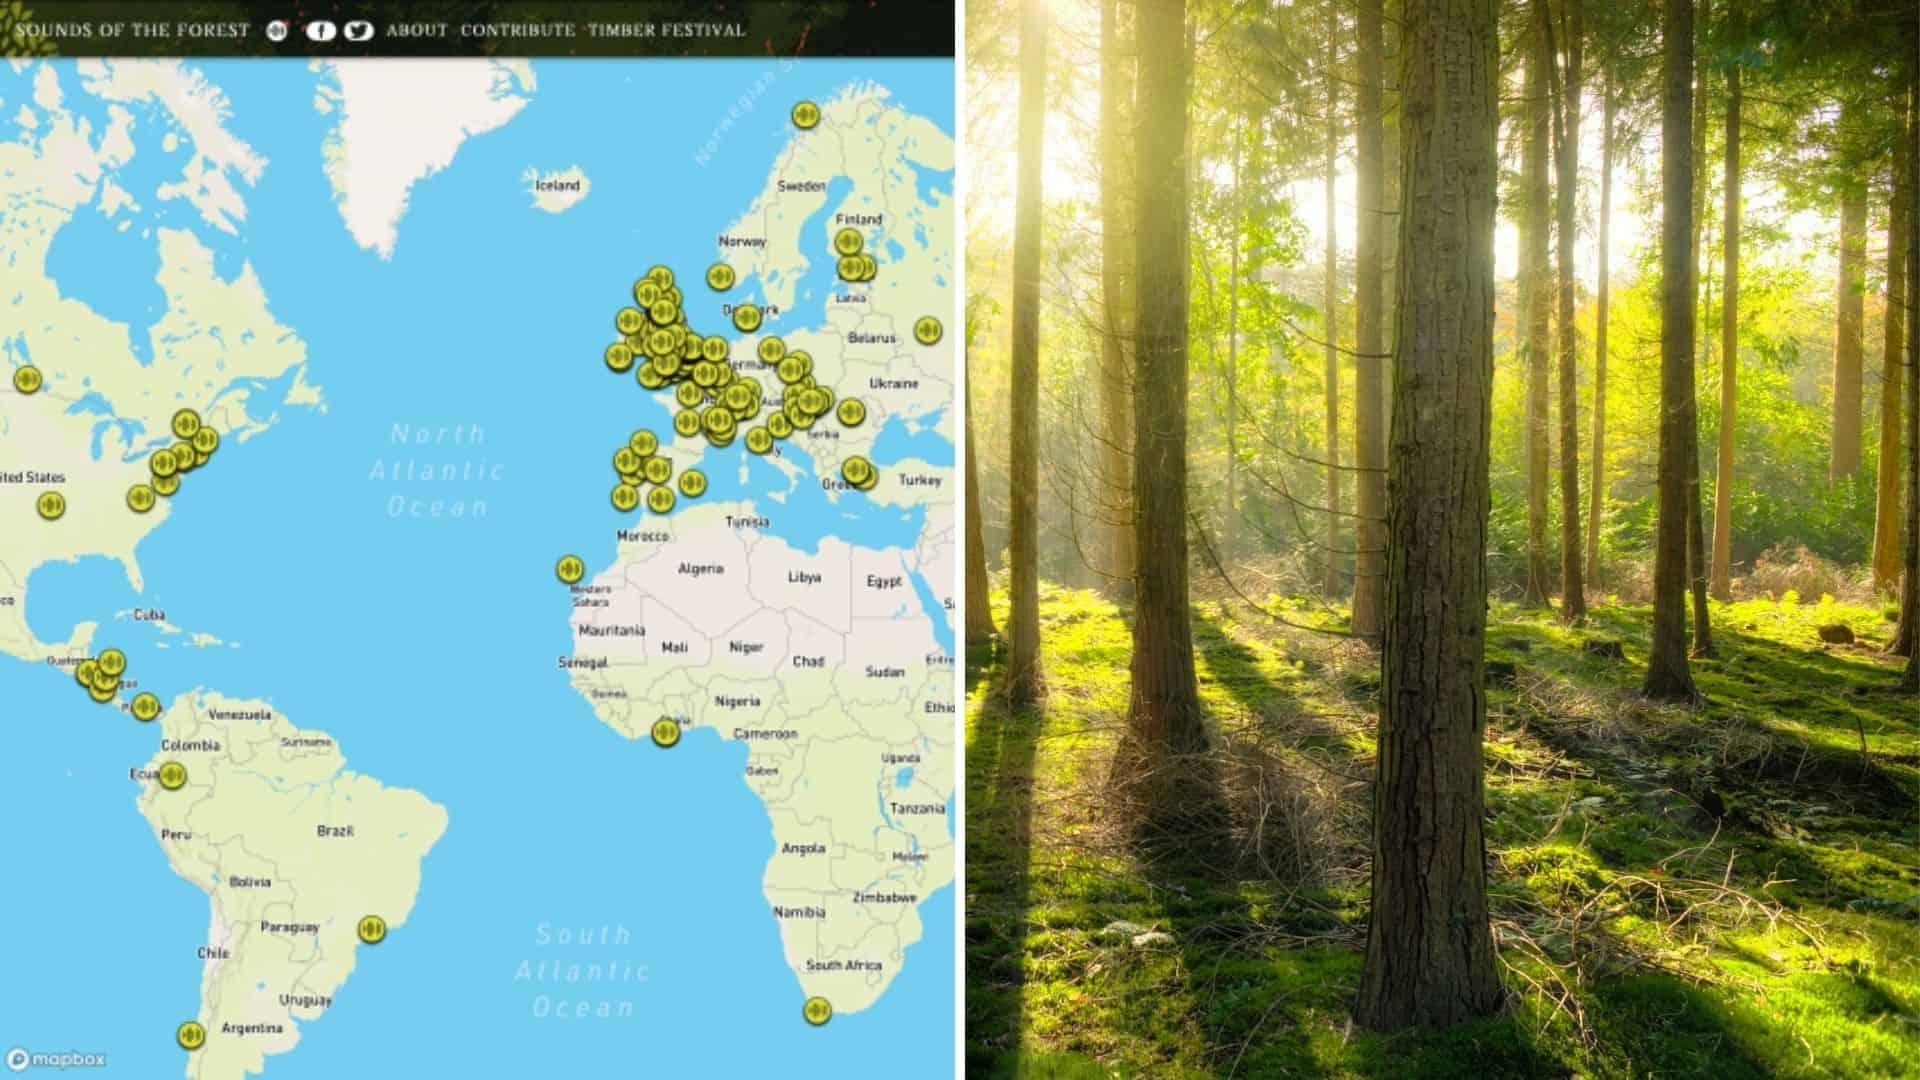 Sounds of the Forest: un mapa interactivo te permite escuchar sonidos de bosques de alrededor del mundo